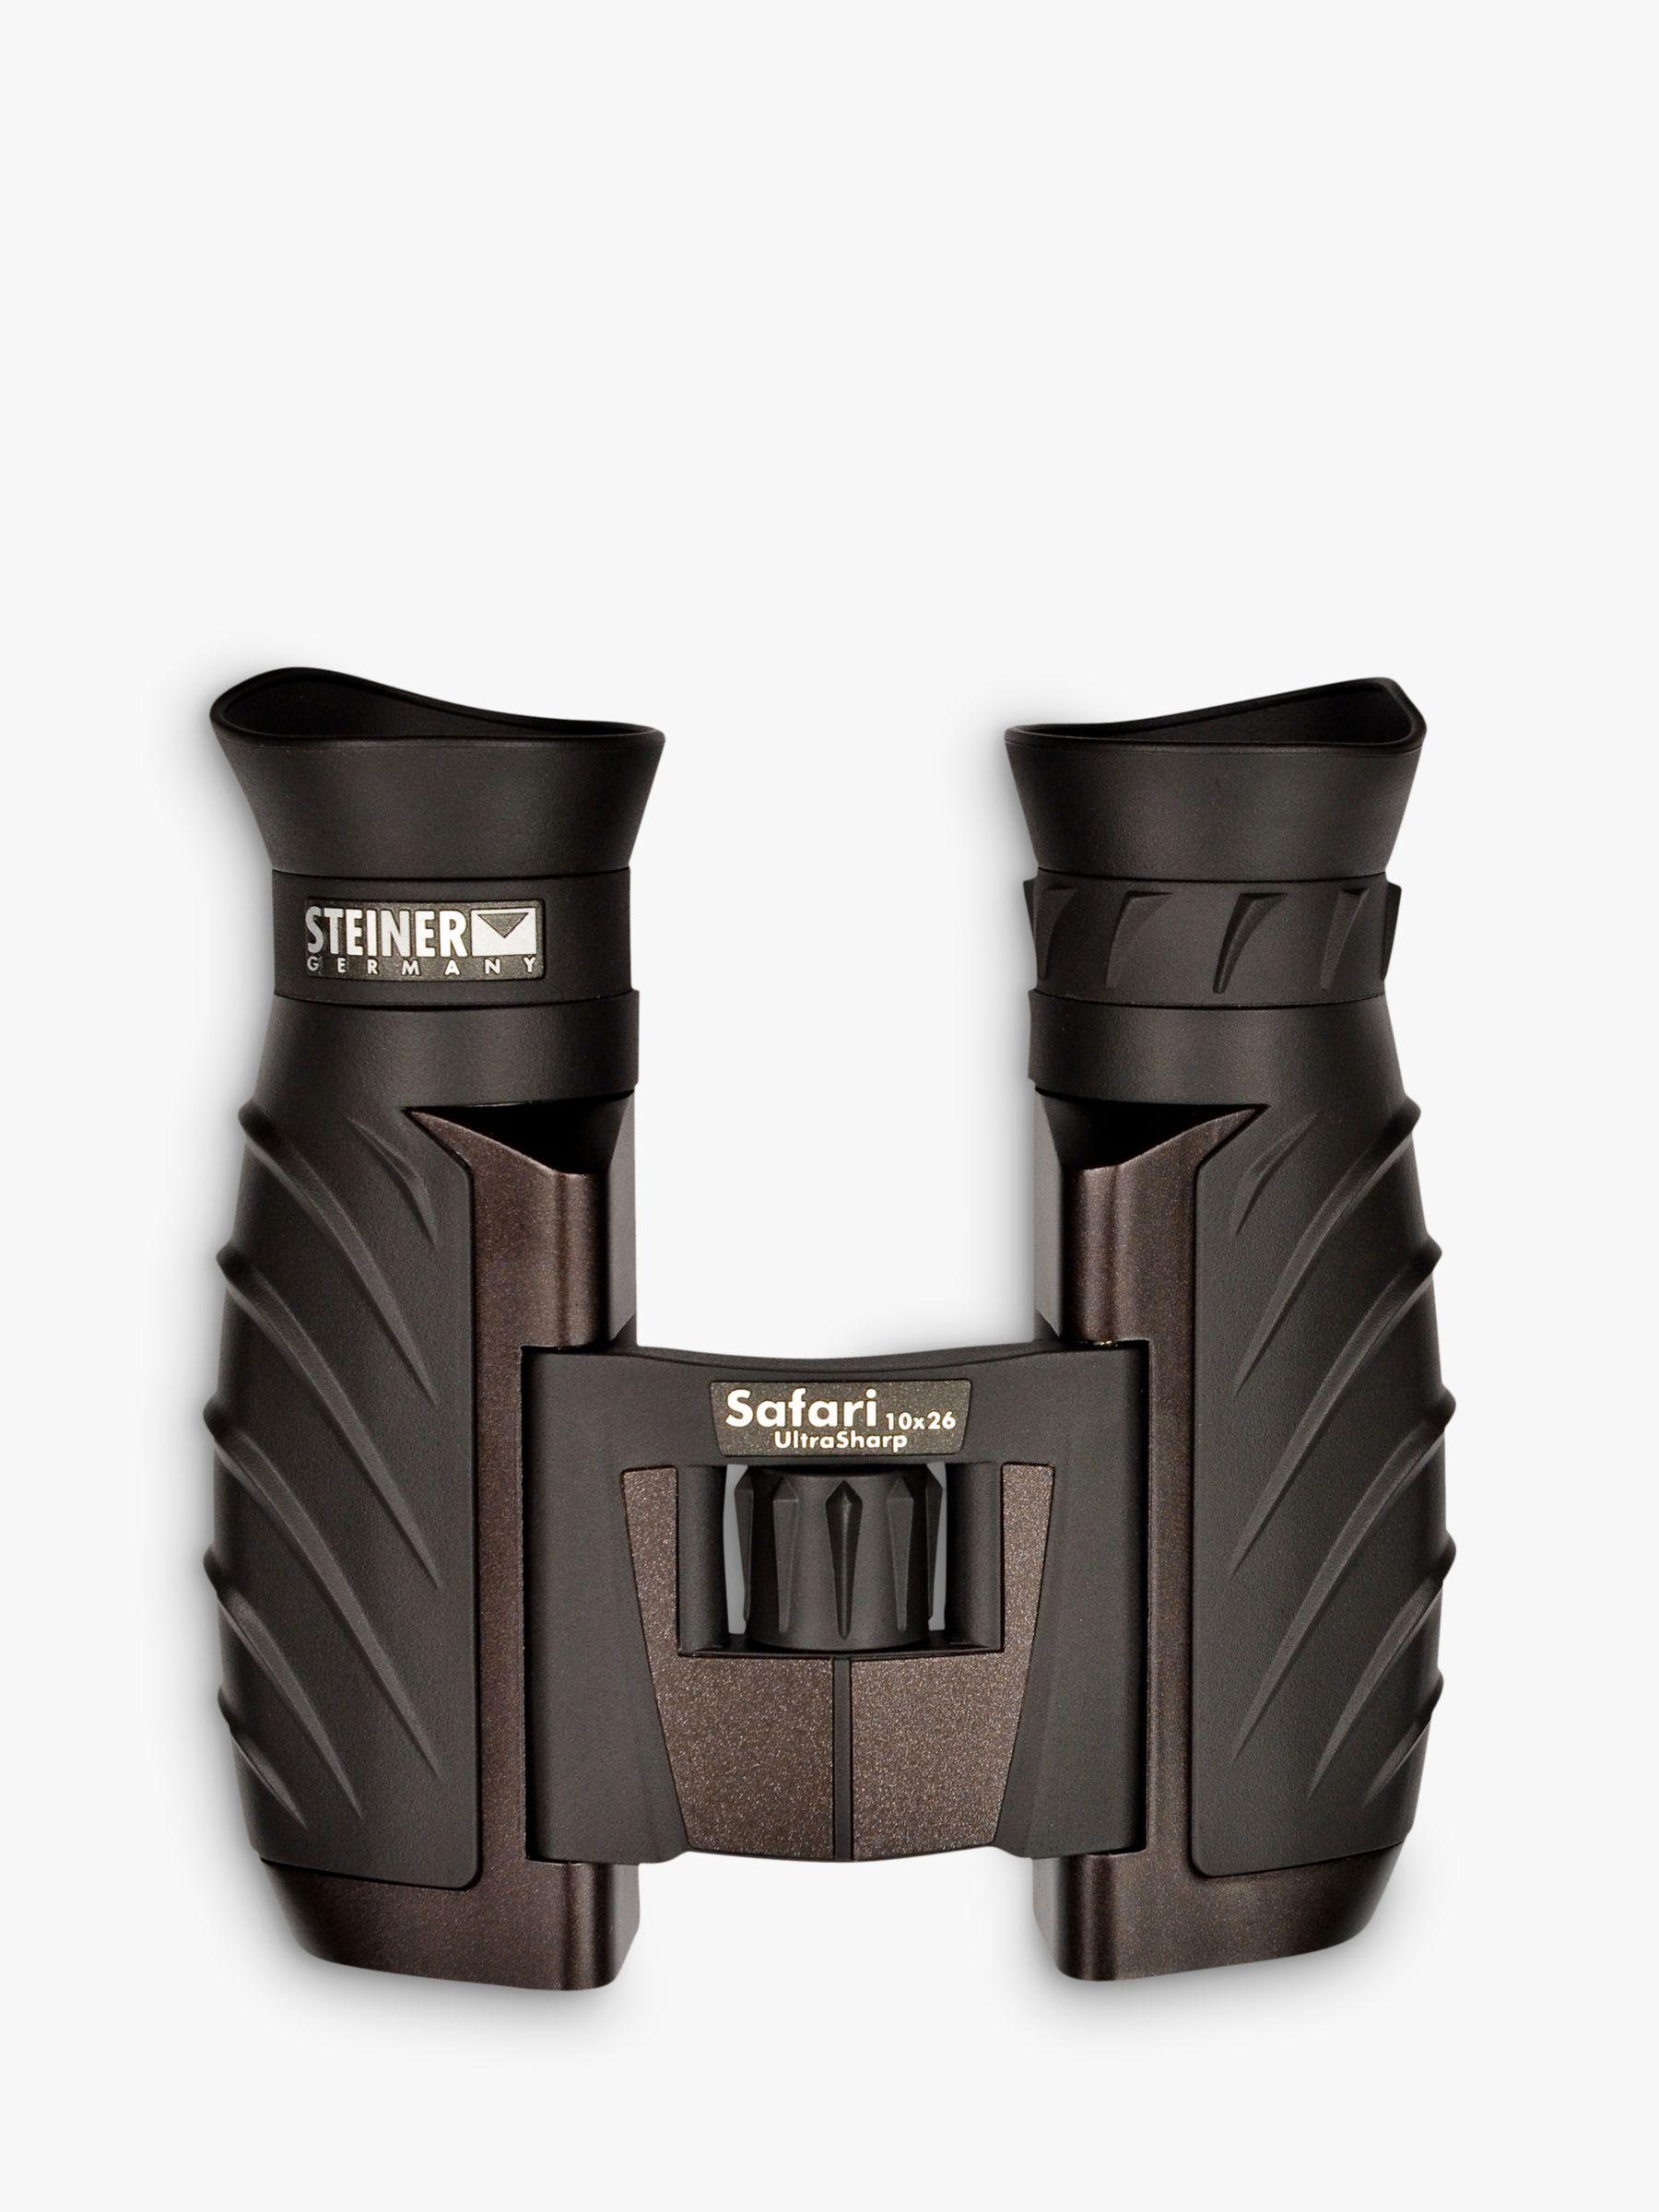 Steiner Steiner Safari Ultrasharp Binoculars, 10 x 26